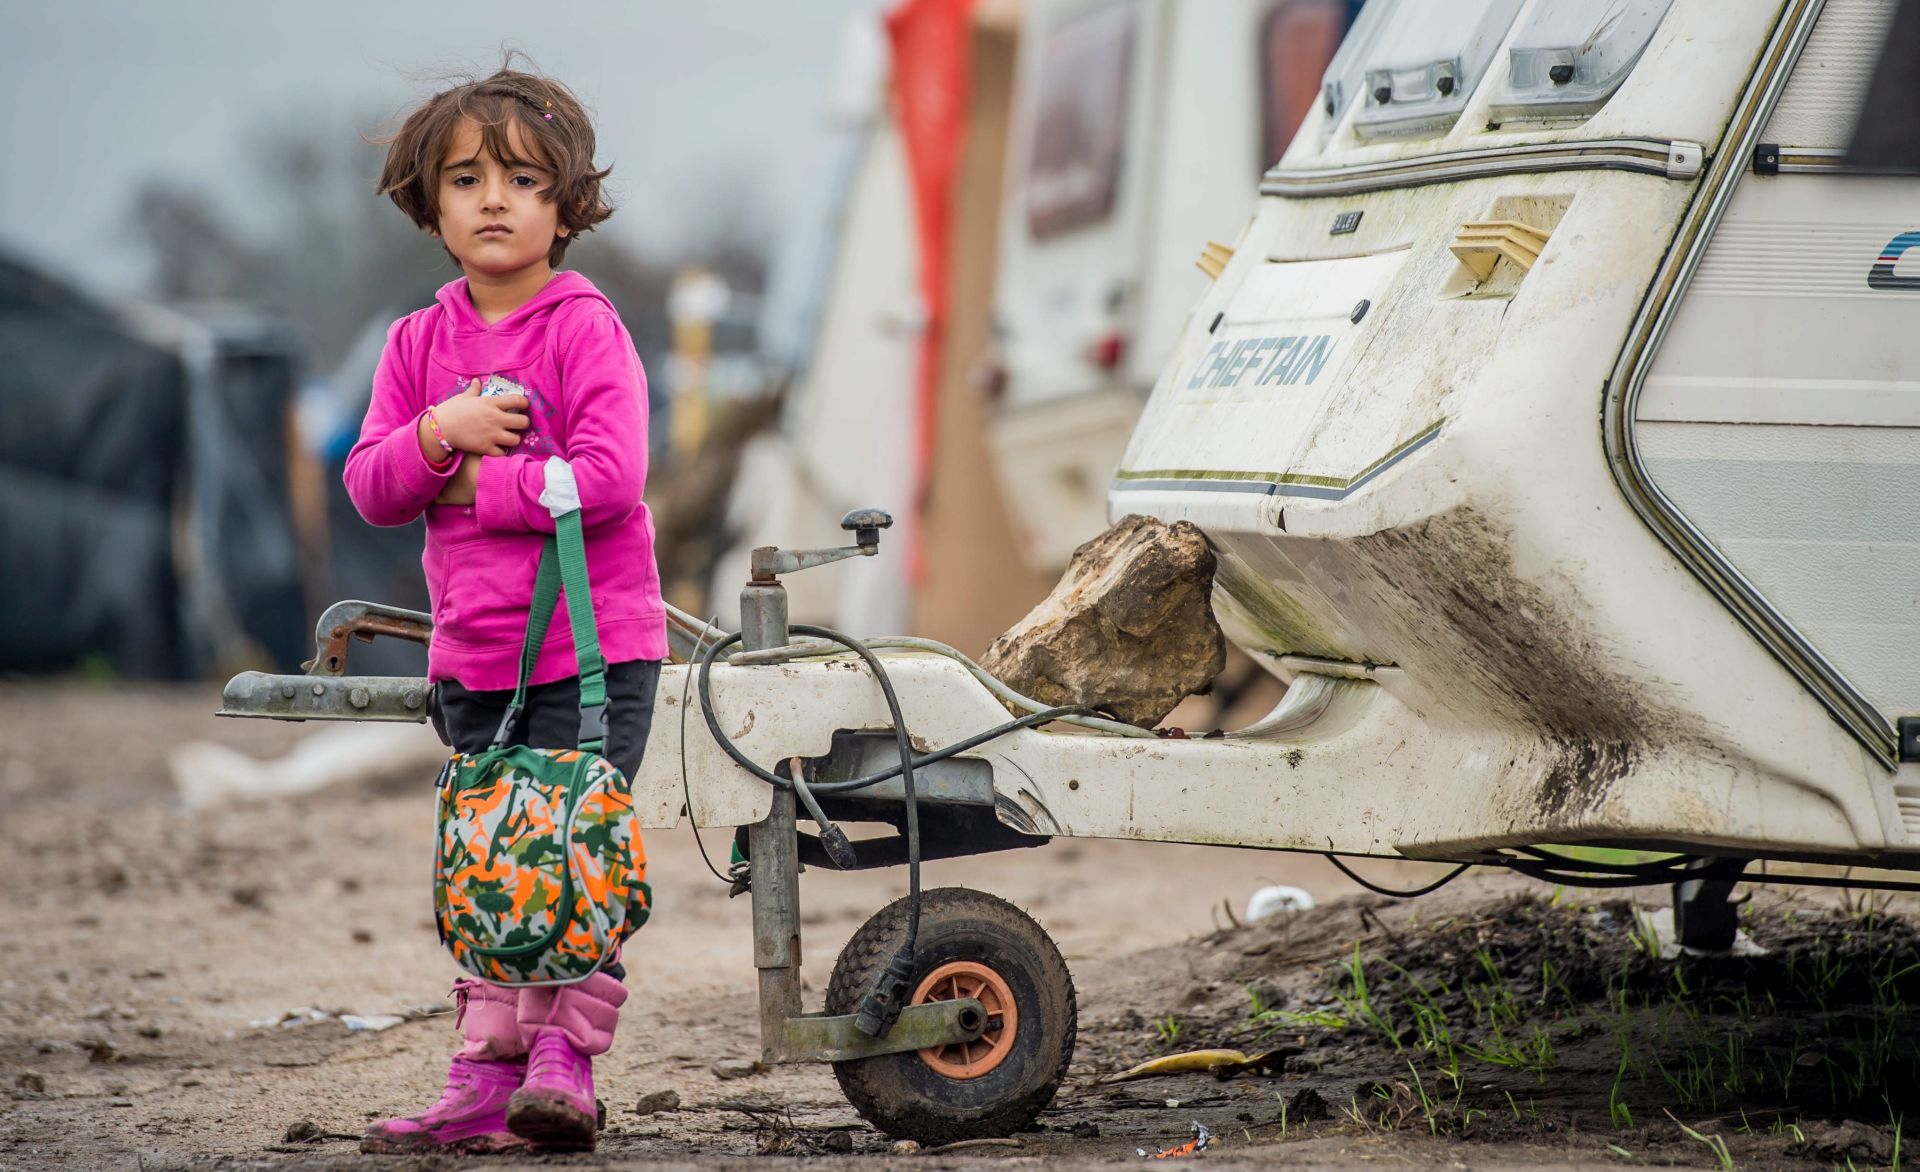 PLAN MIGRACIJSKE RUTE: UNHCR smanjio procjene broja izbjeglica u Europi